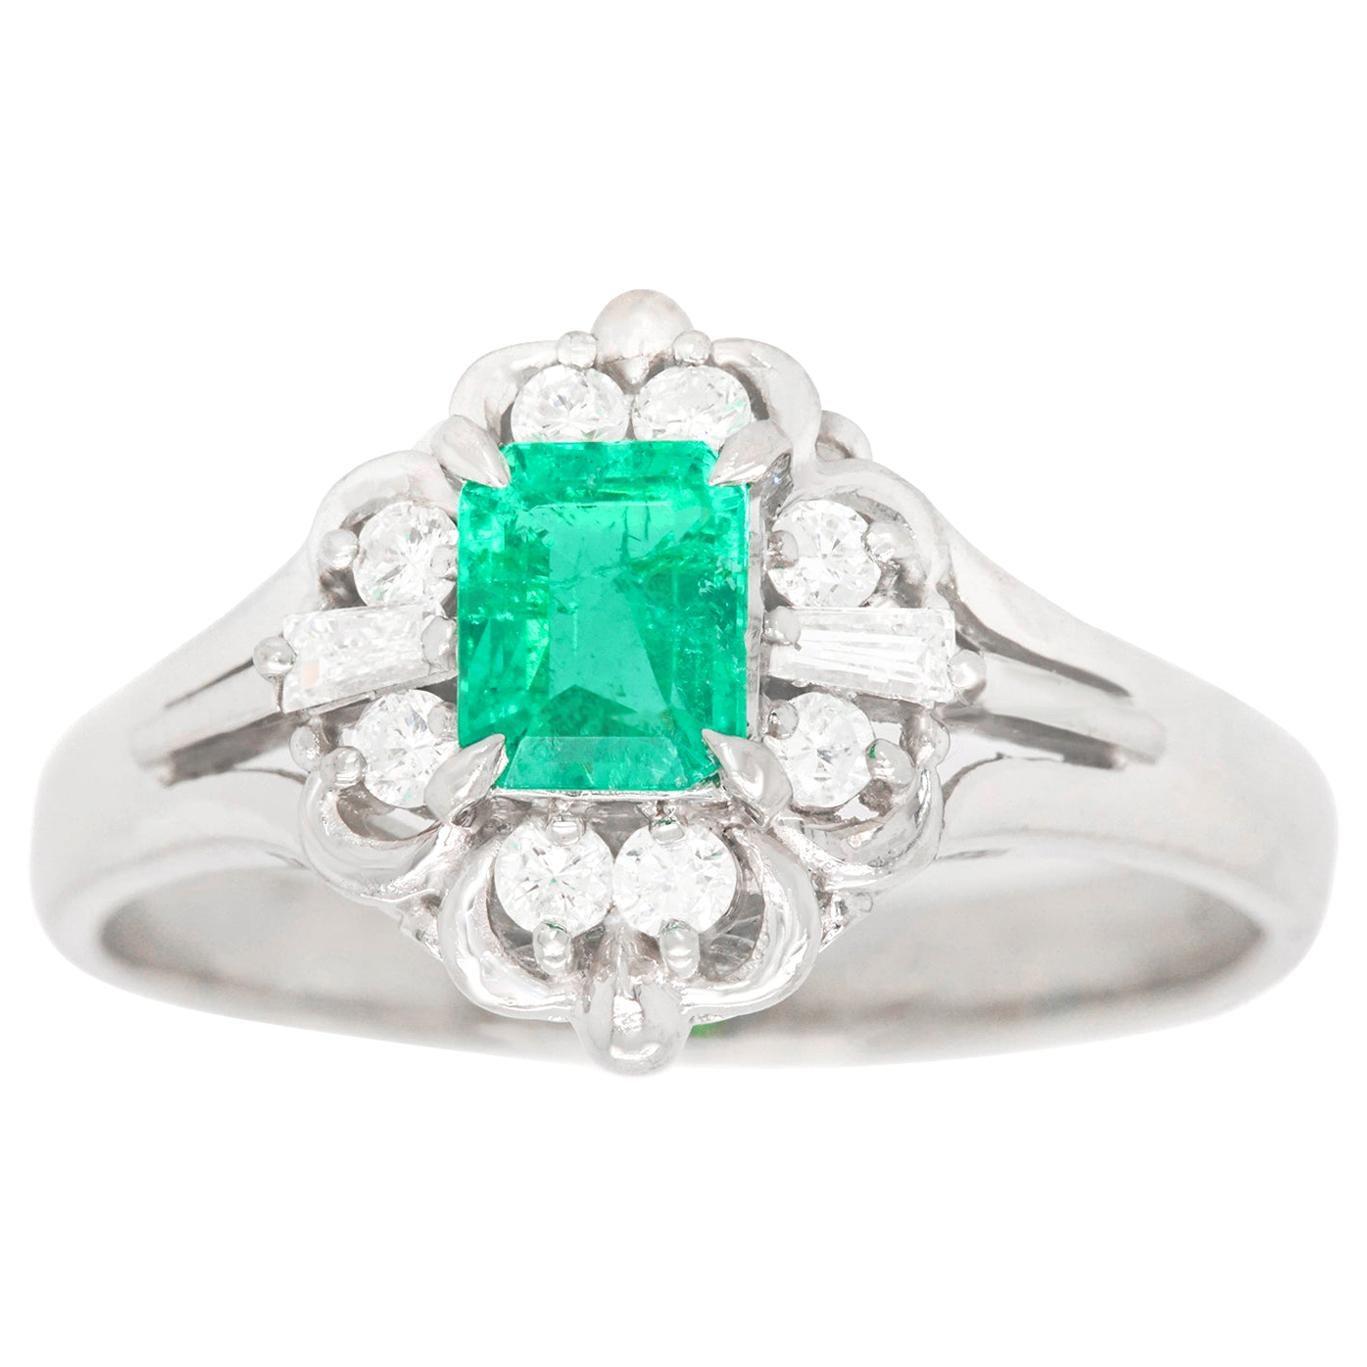 Retro 1950s Emerald and Diamond Ring